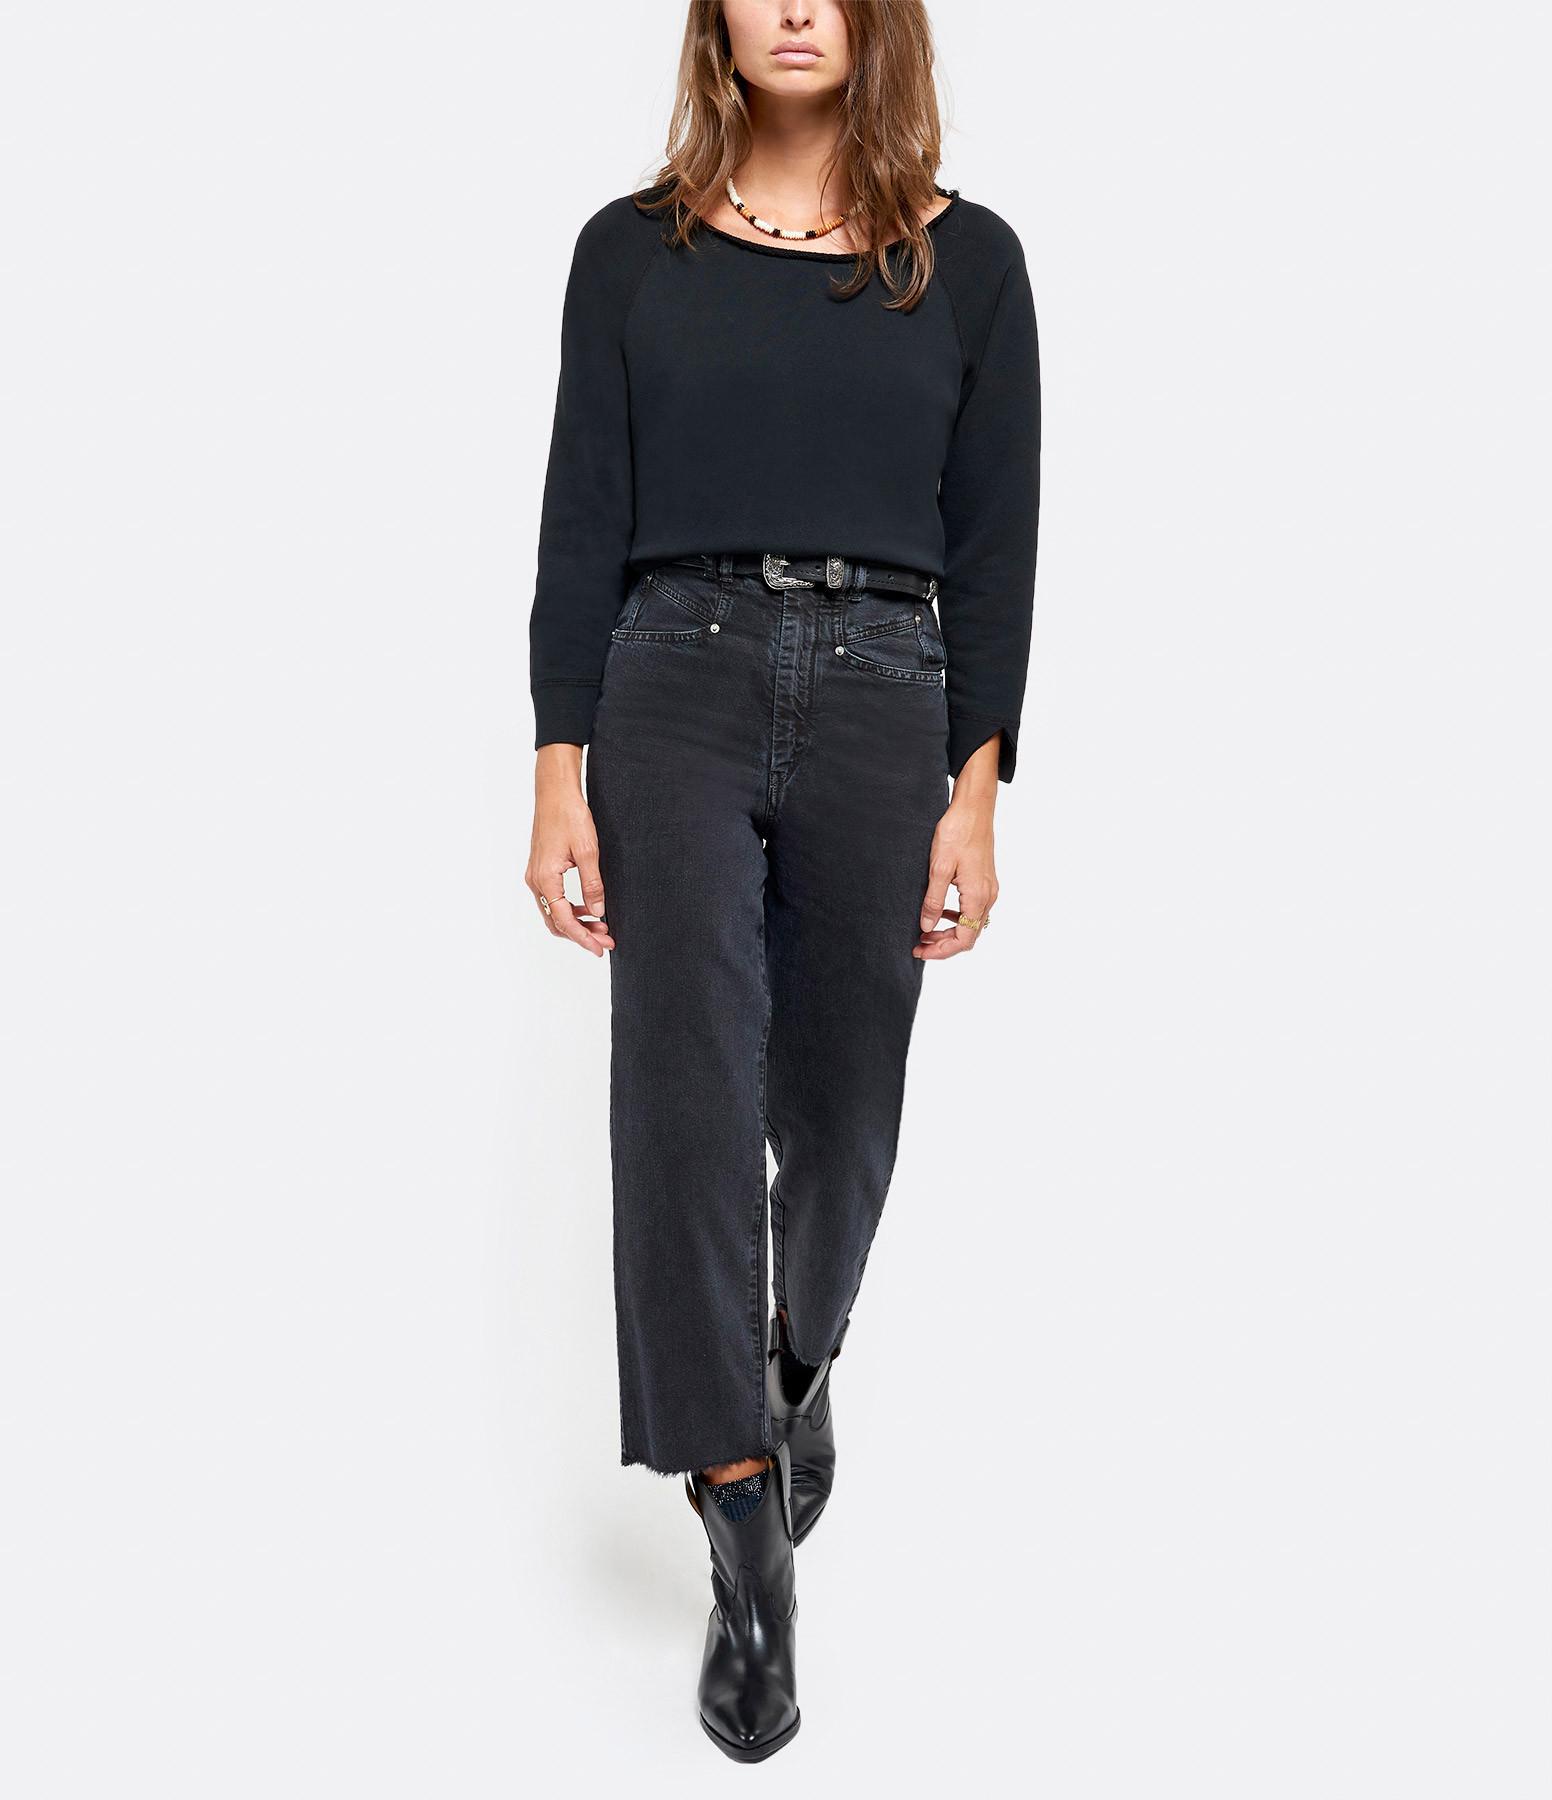 ISABEL MARANT - Pantalon Naliska Coton Noir Délavé